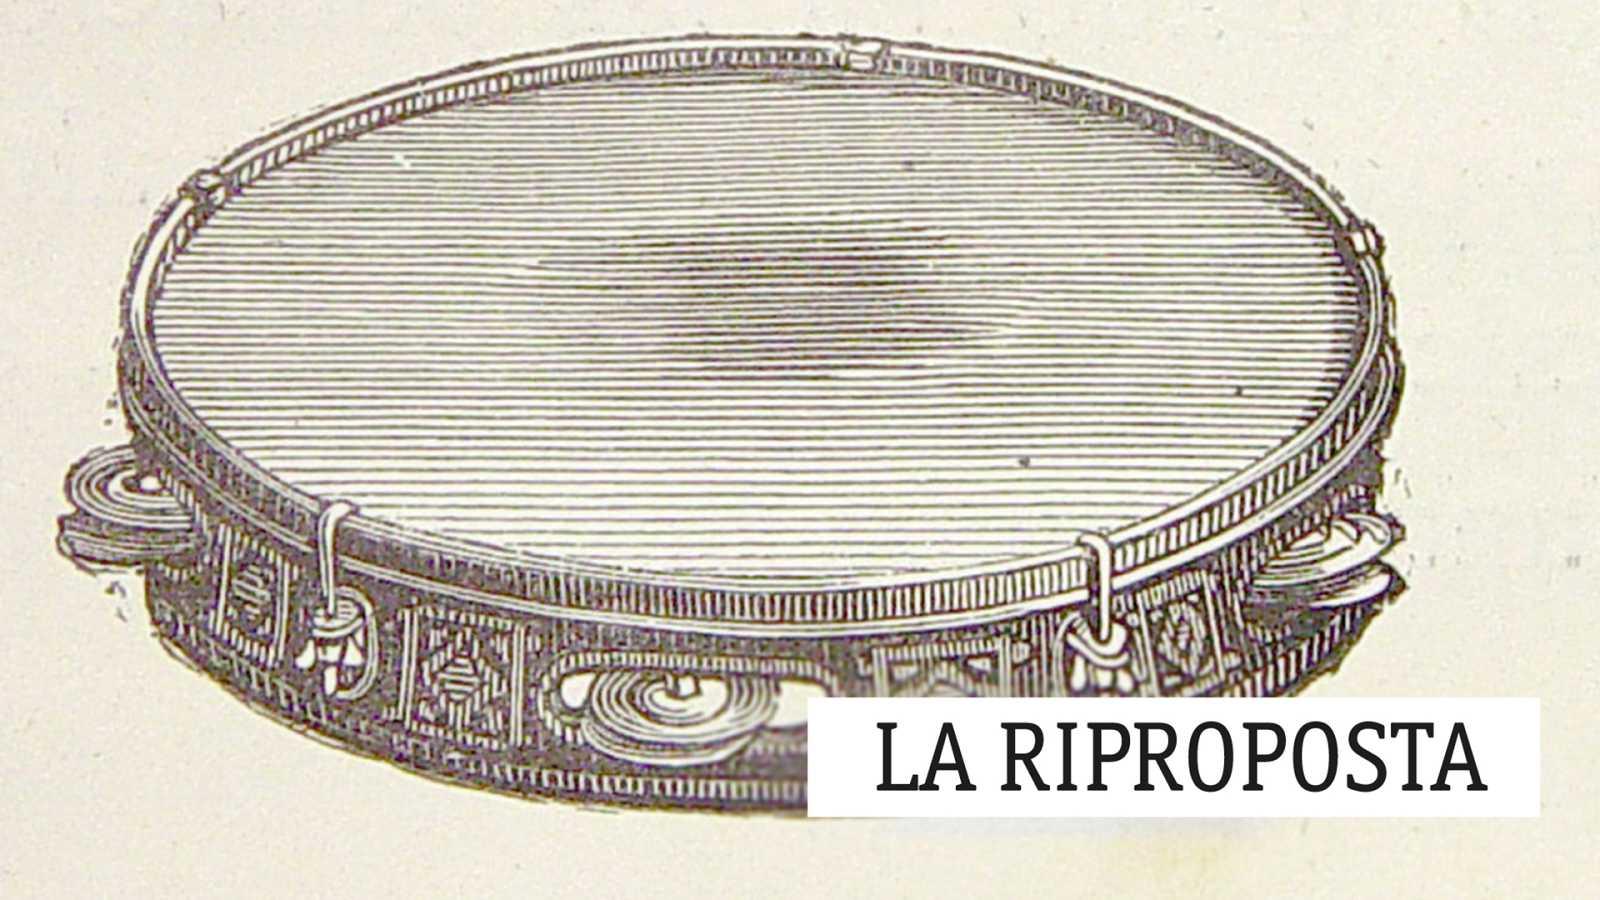 La Riproposta - La transmisión del folklore - 24/04/21 - escuchar ahora